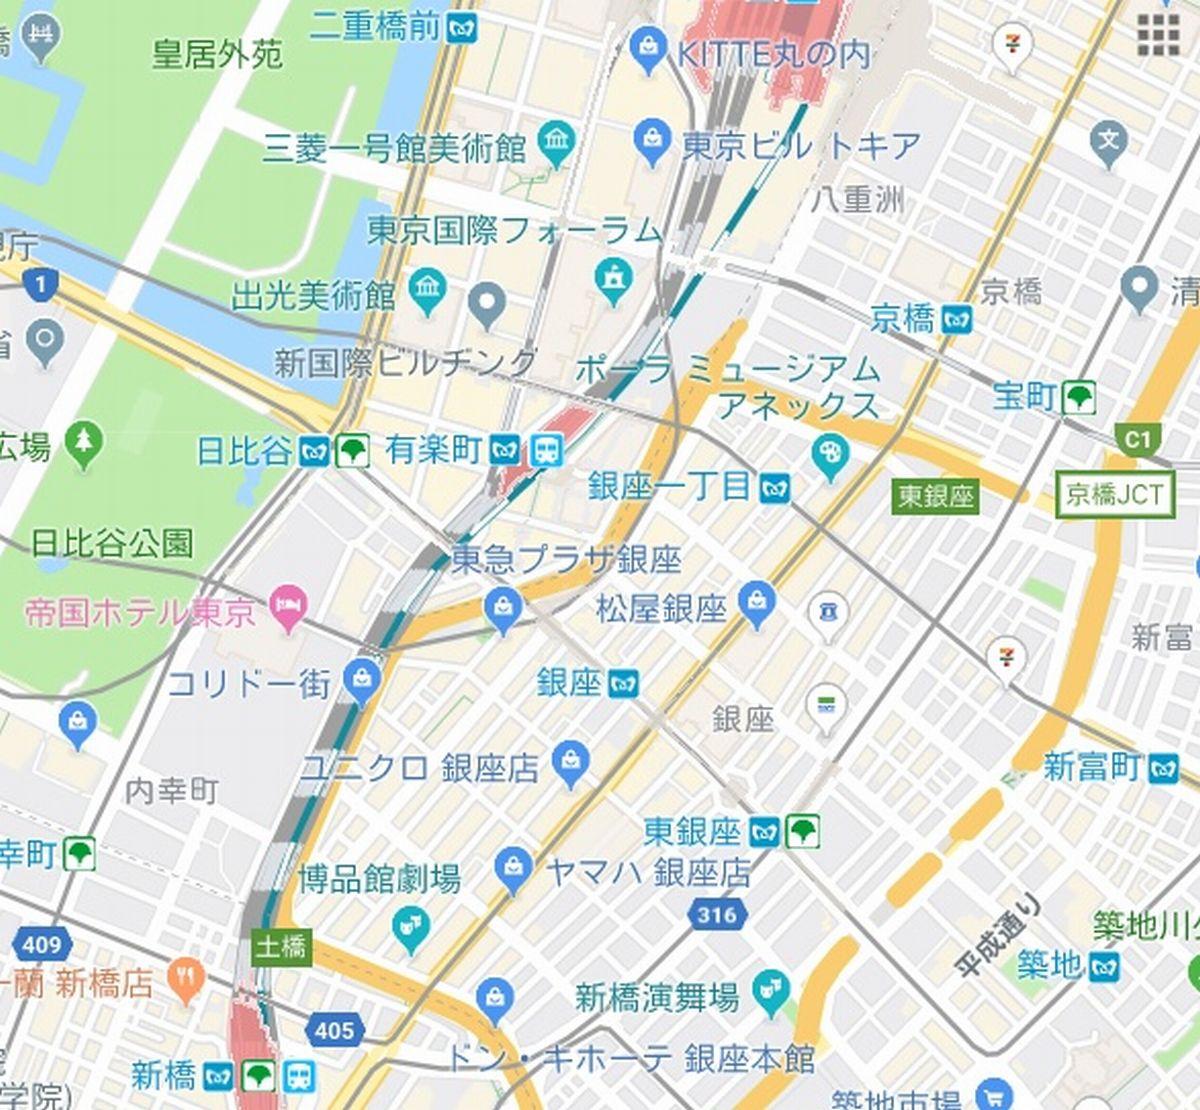 写真・図版 : 群衆は日比谷公園から皇居外苑、京橋、新富座、銀座へと向かった(Google Mapより)